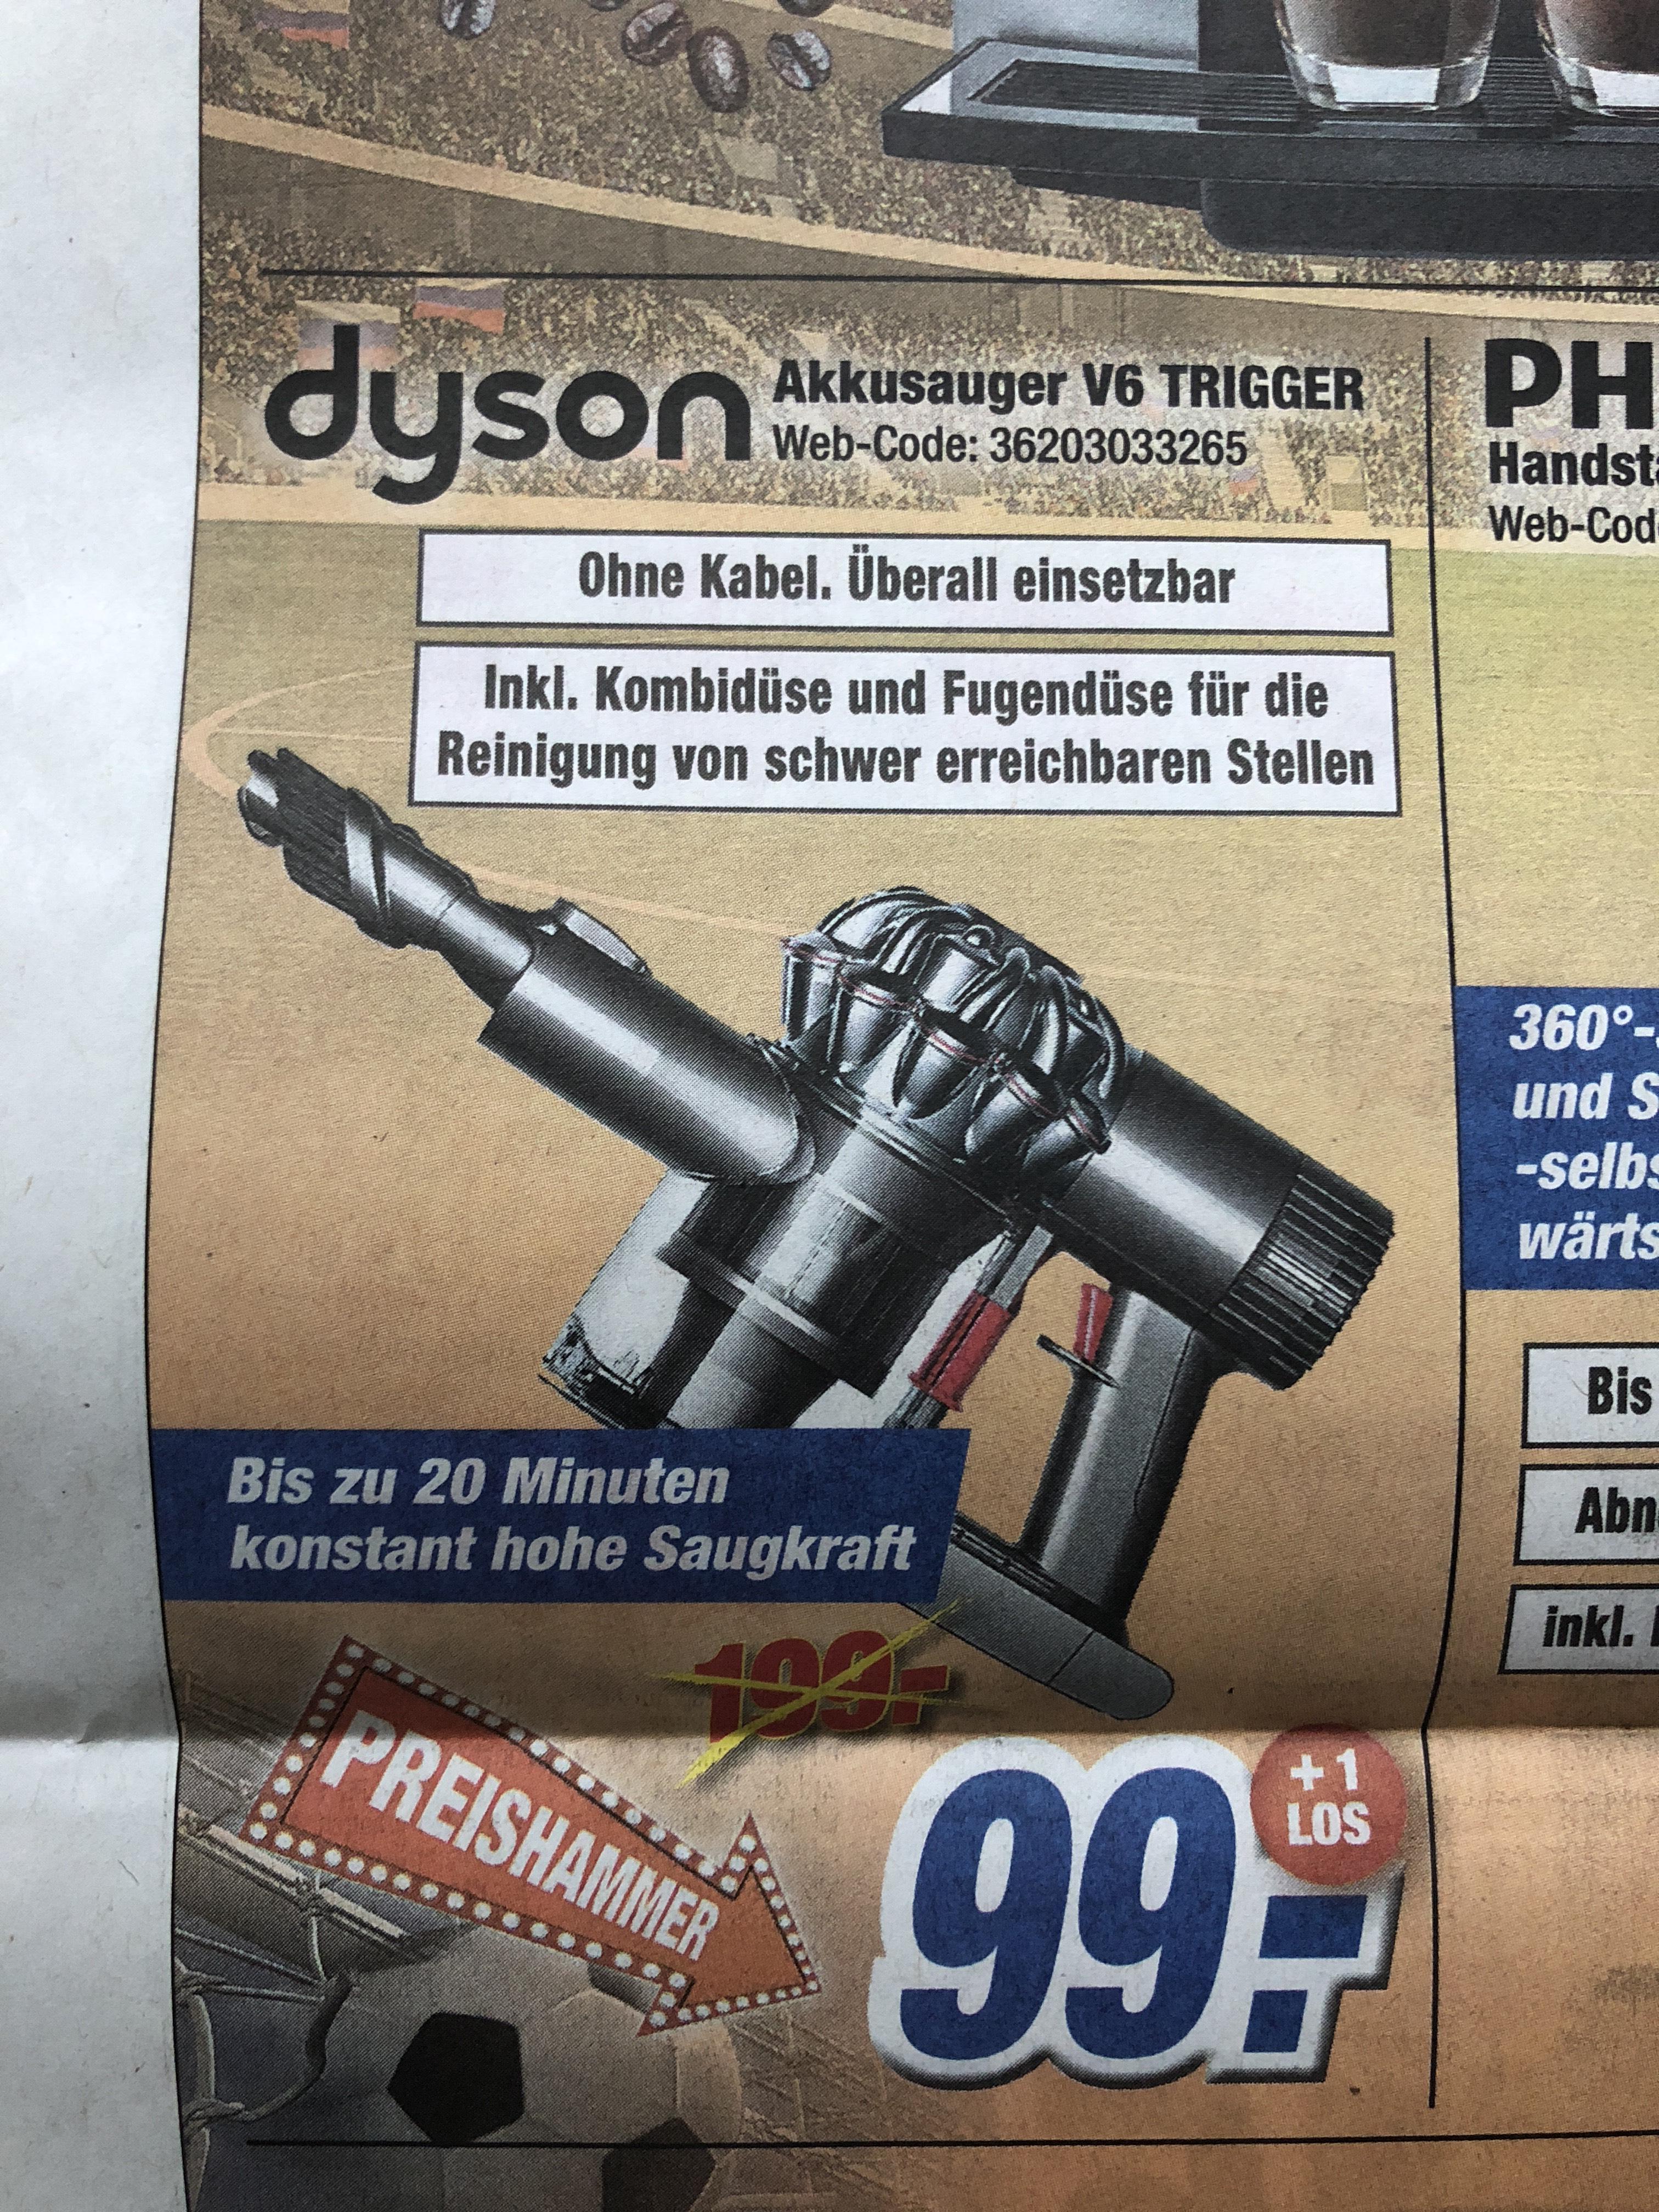 [expert klein]  Dyson V6 Trigger Akkusauger 99 EUR Abholung 102,99 EUR Versand